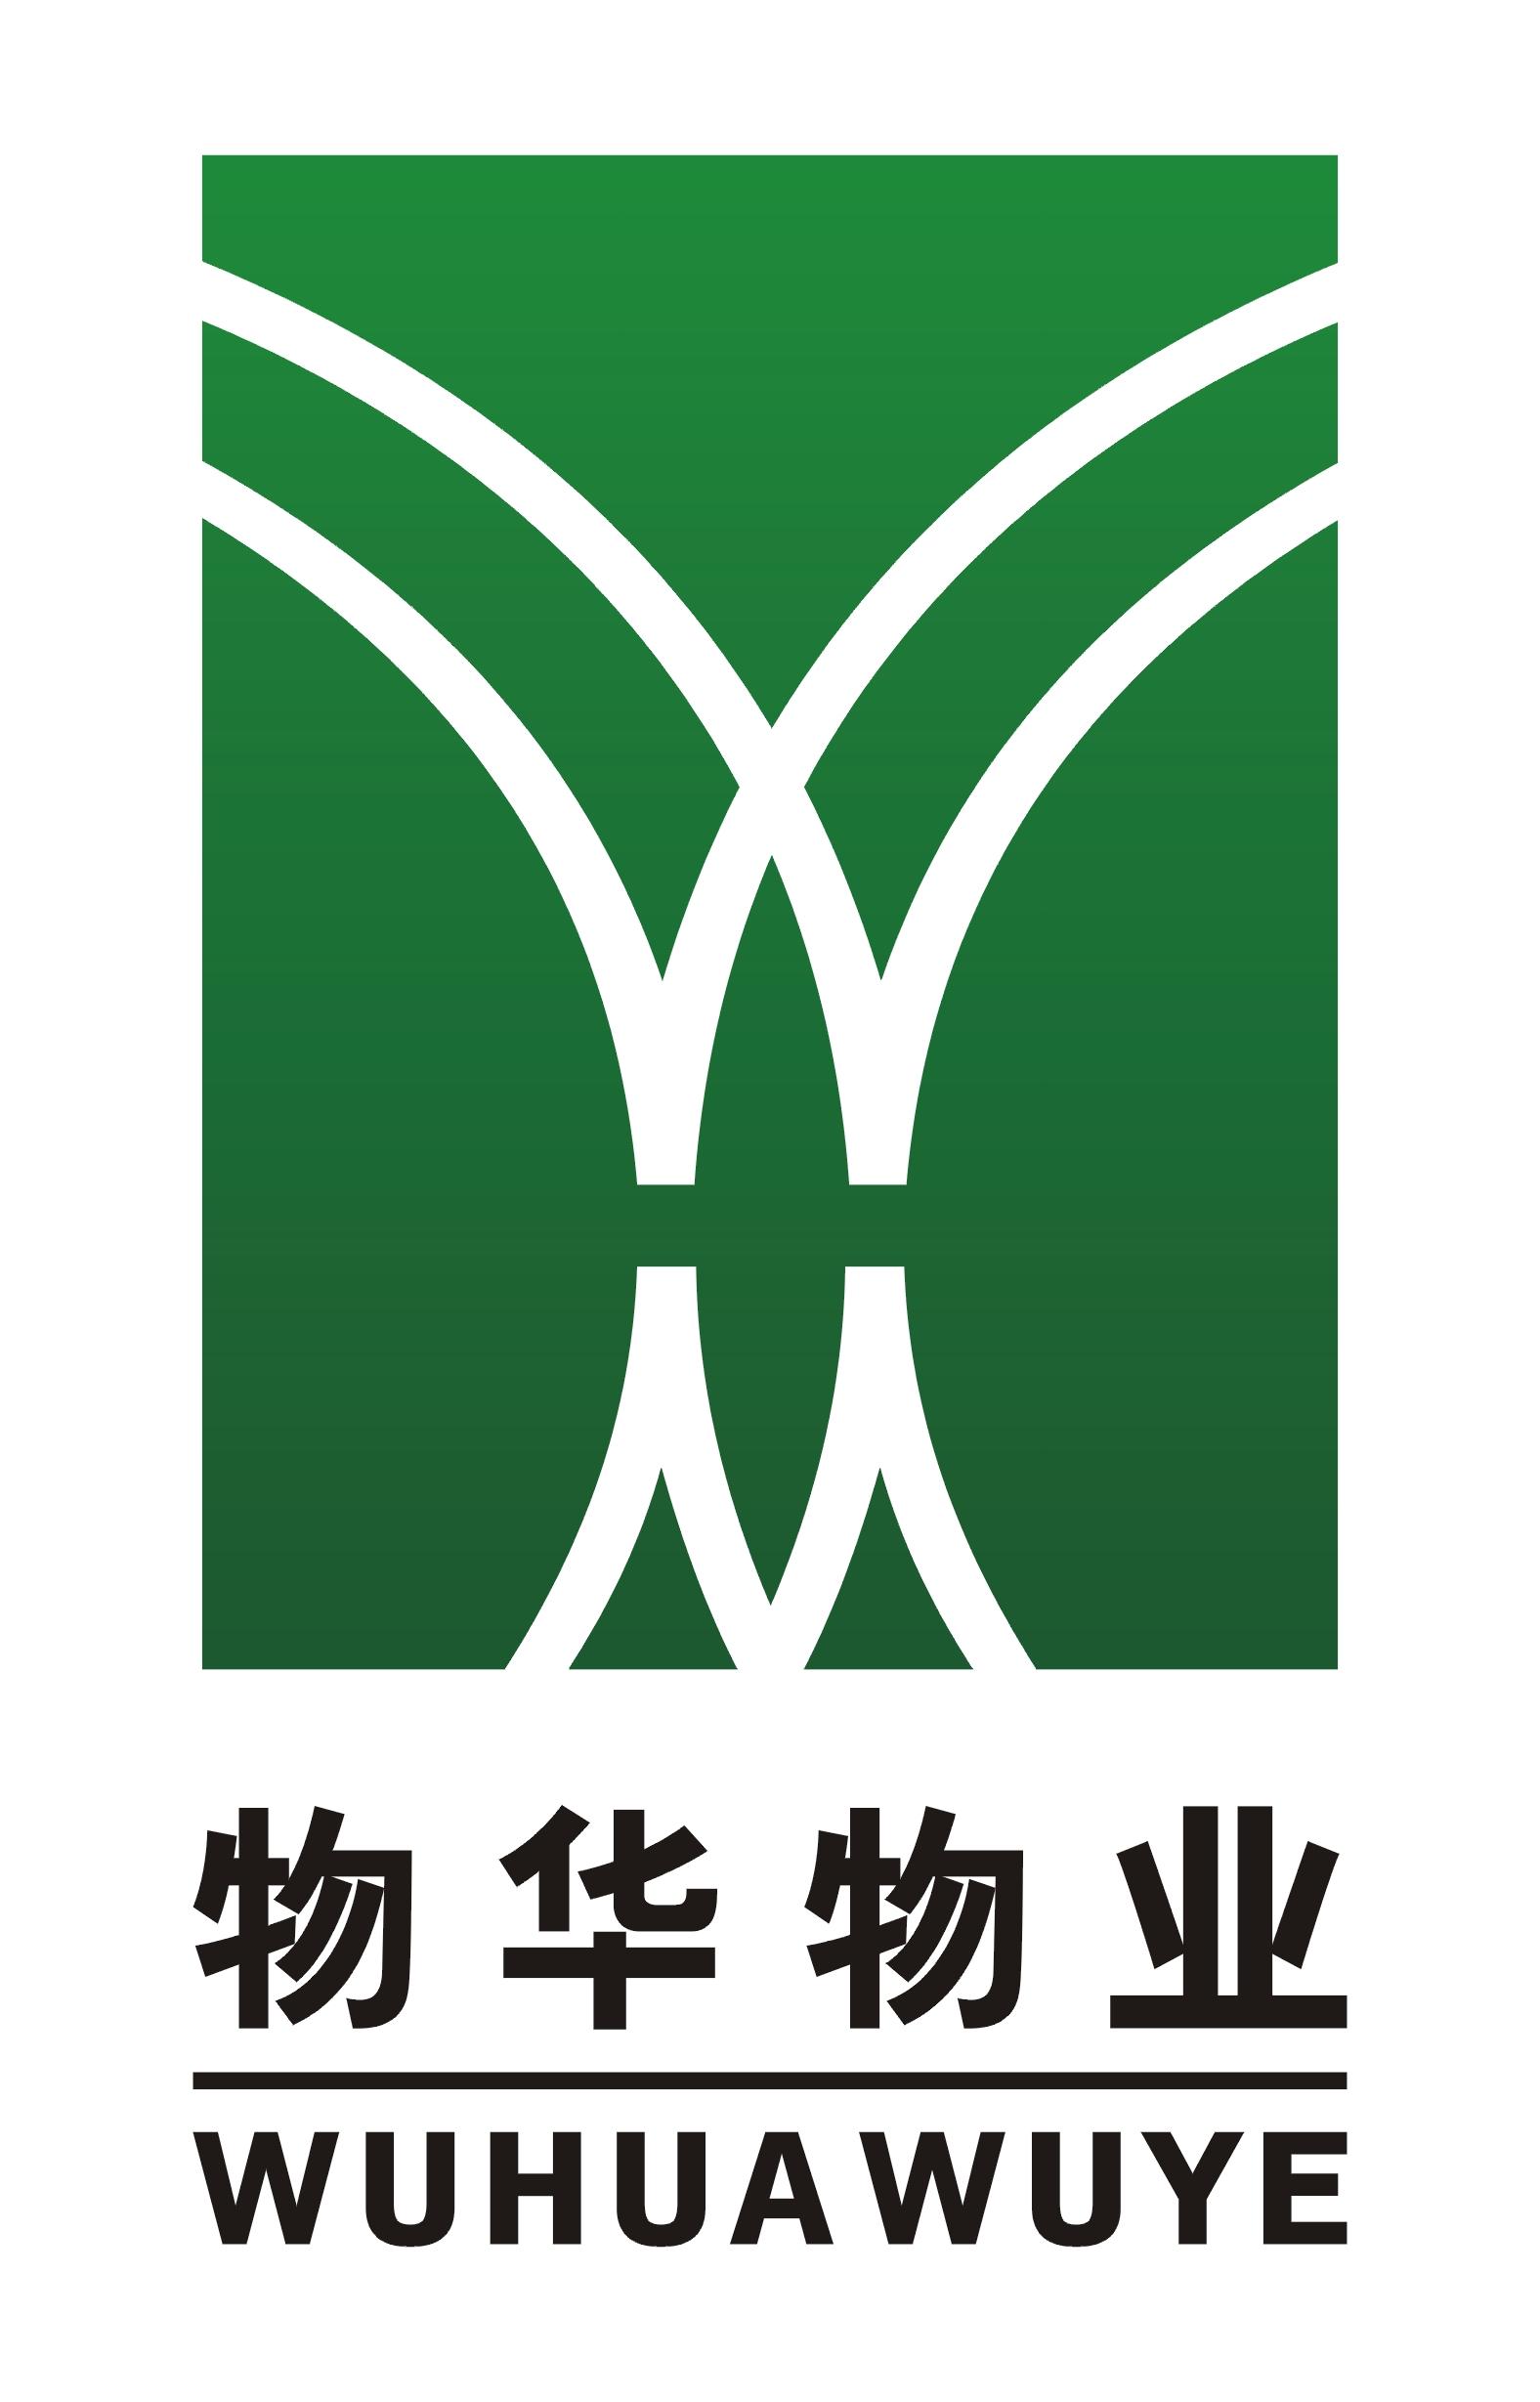 杭州物华物业服务有限公司logo